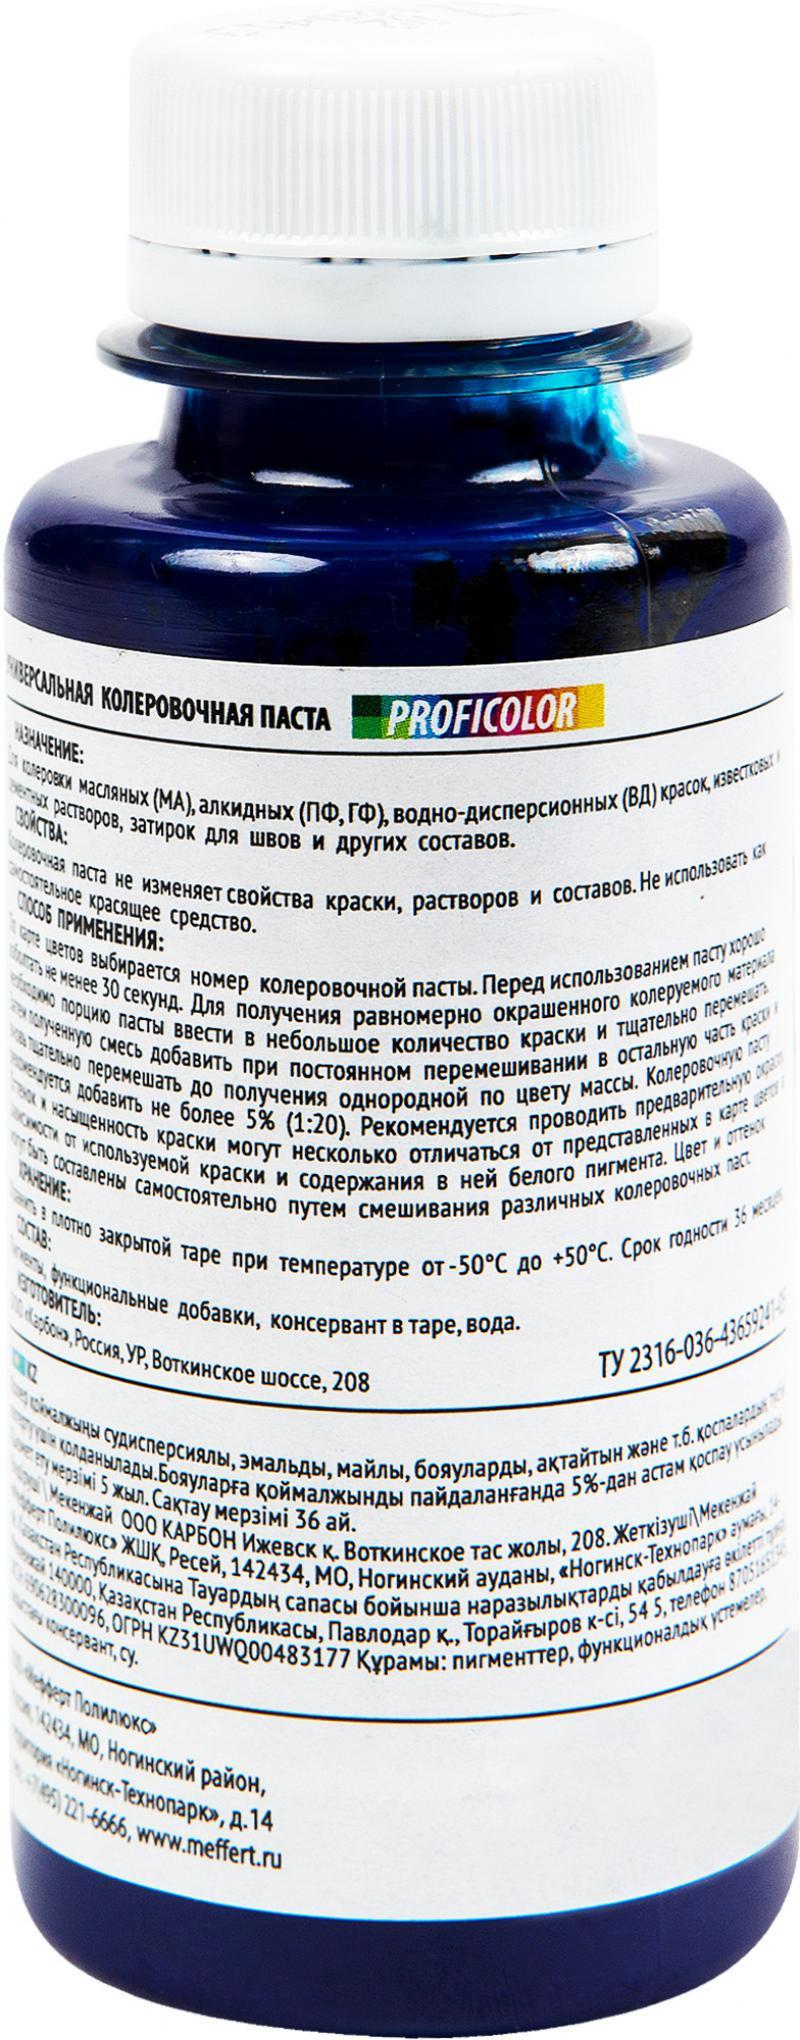 Колеровочная паста Profilux №17 100 гр цвет голубой